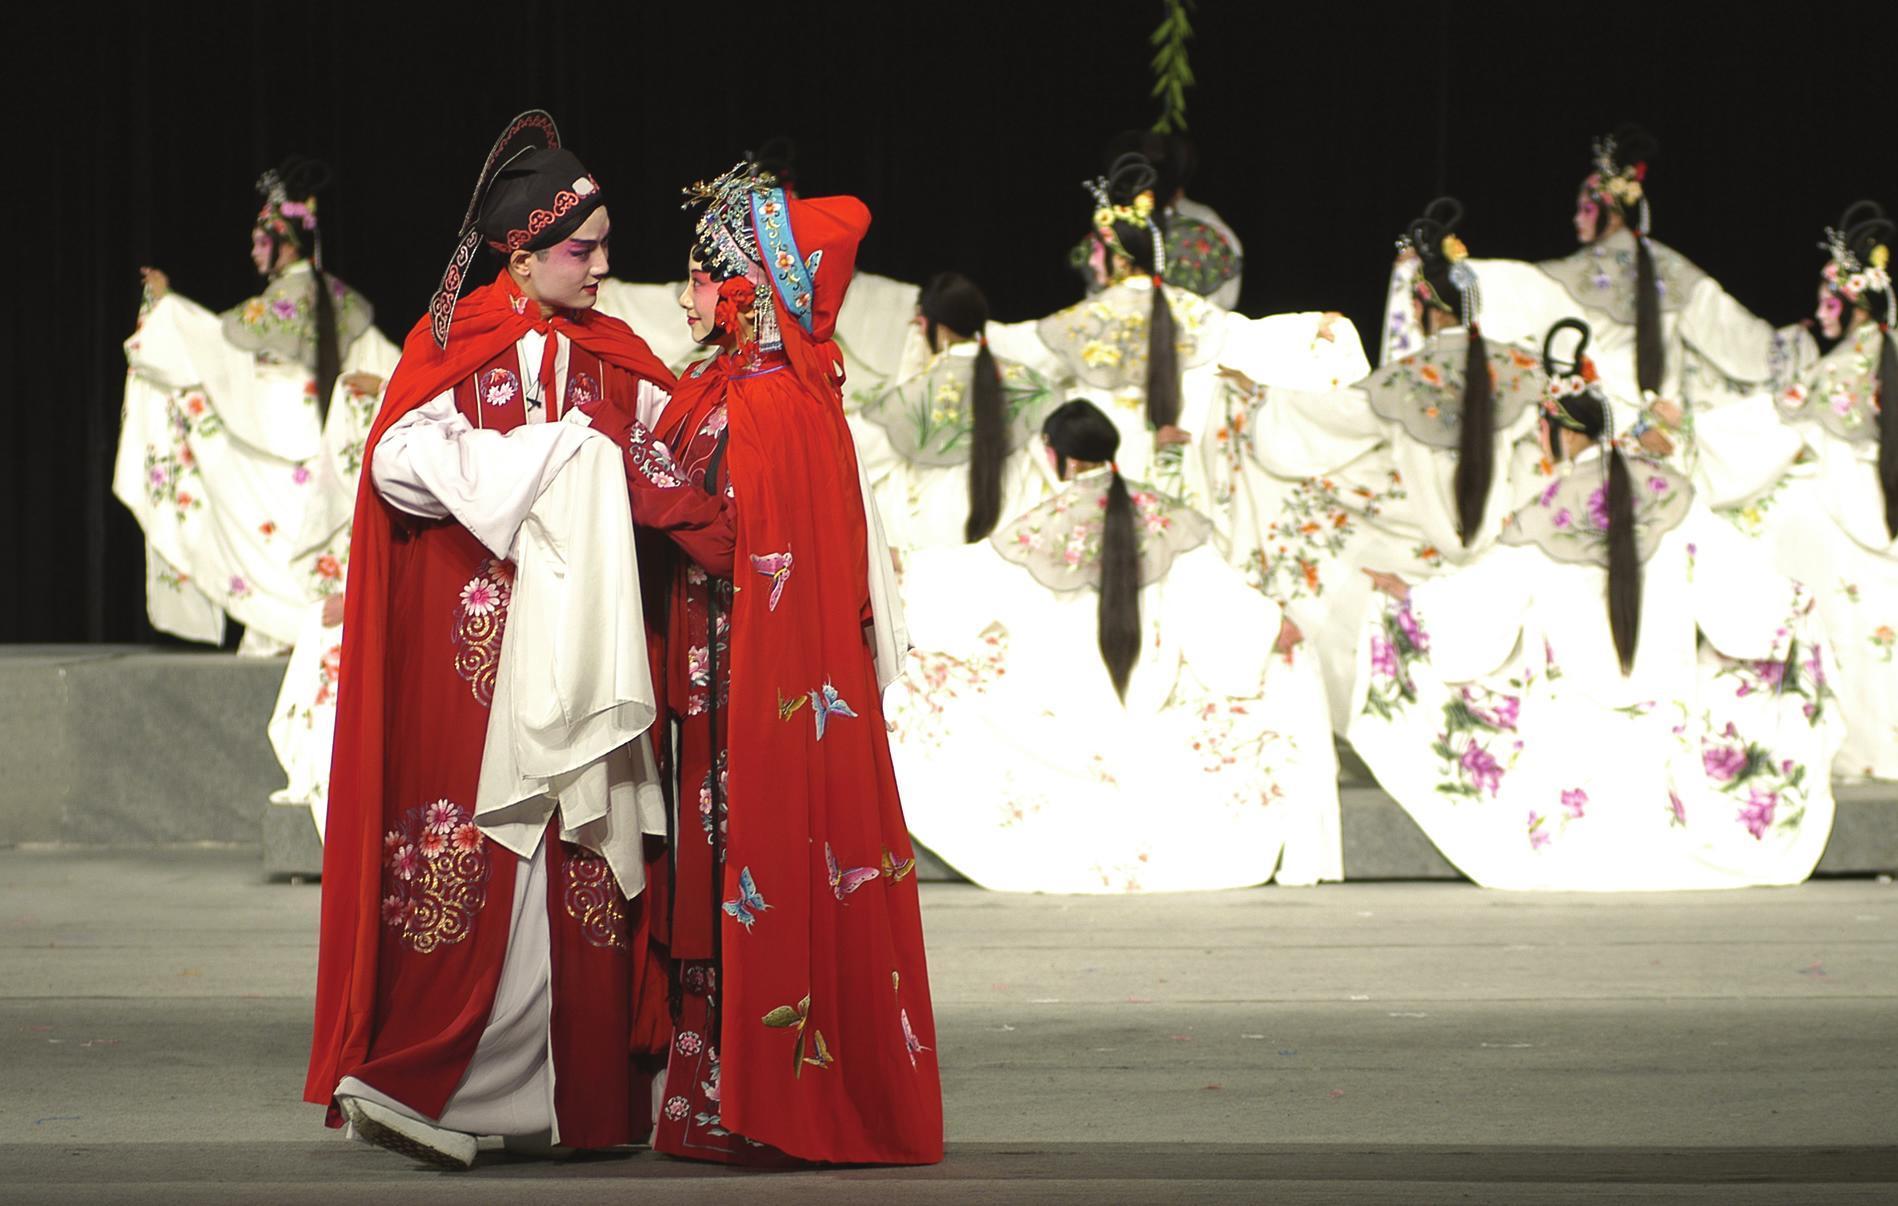 被誉为国粹的京剧已成为传播传统艺术文化的重要媒介